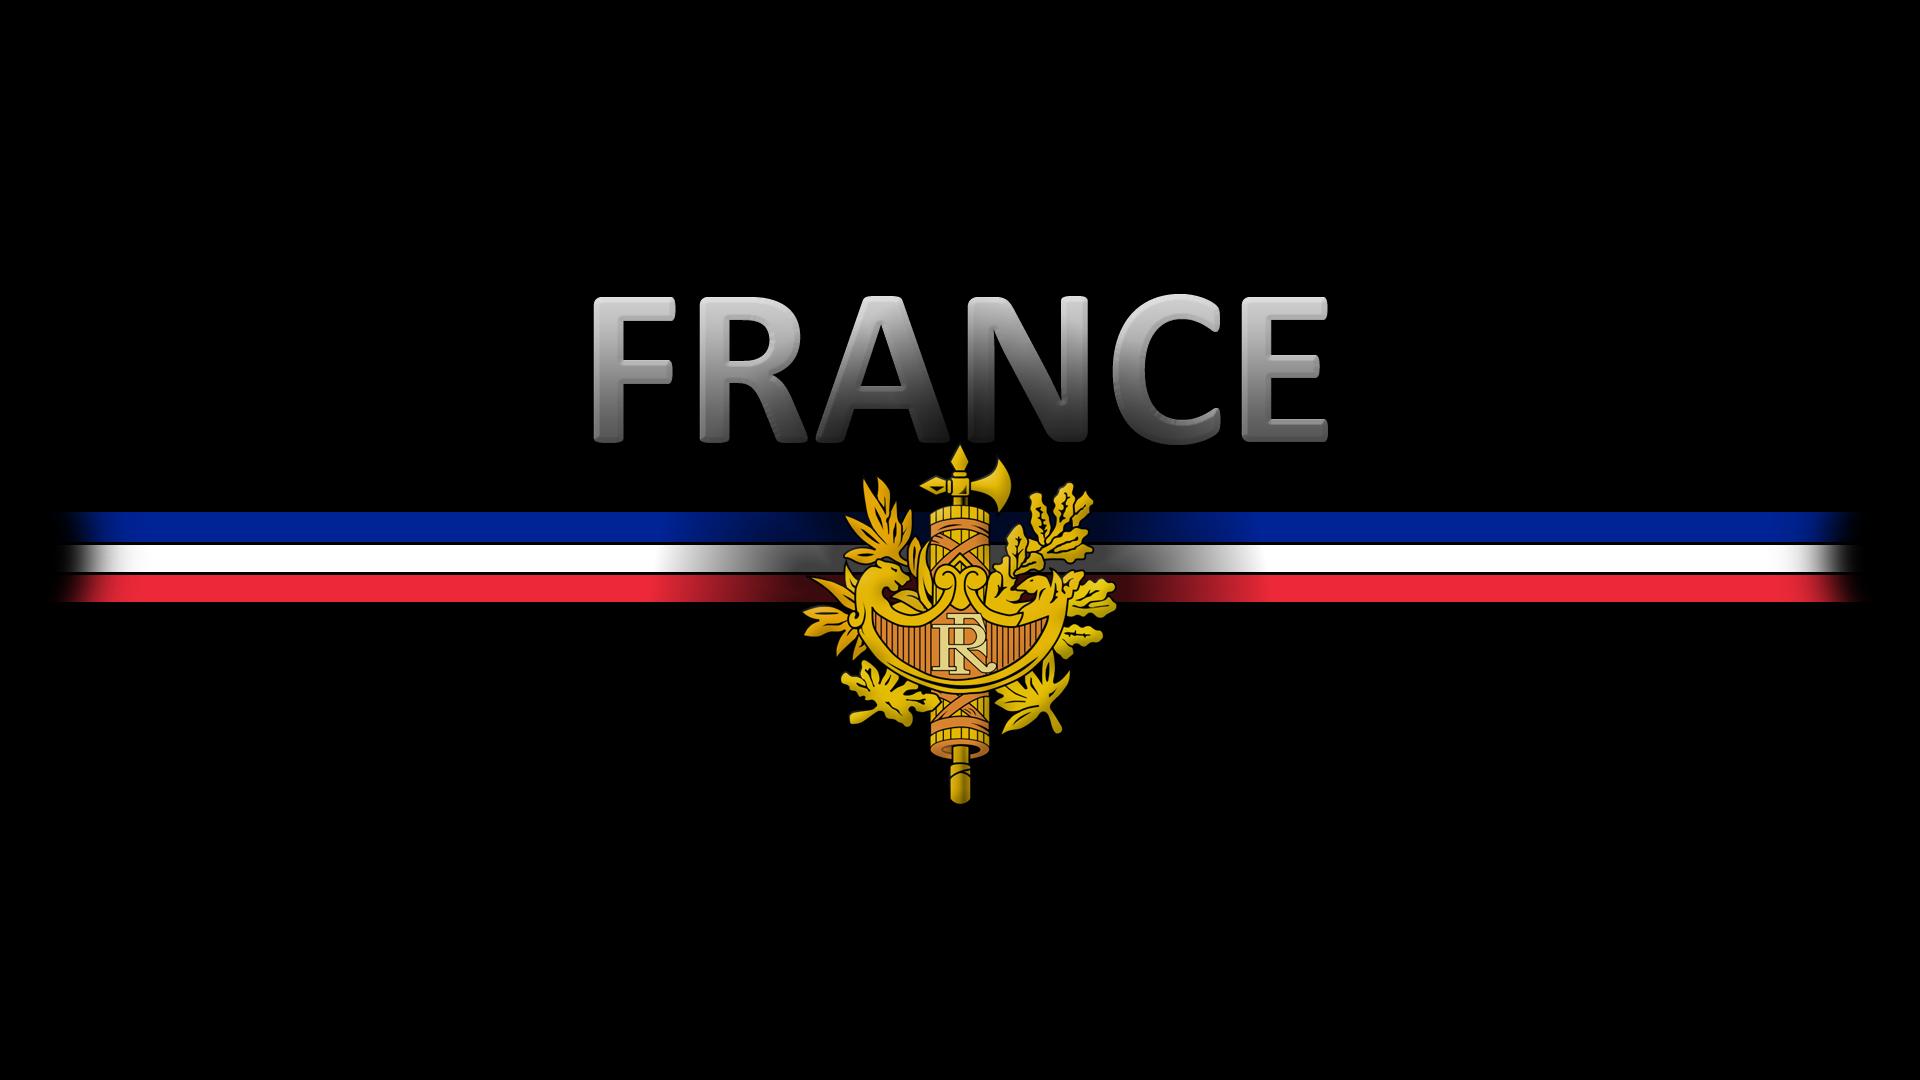 ارسال بار هوایی به فرانسه